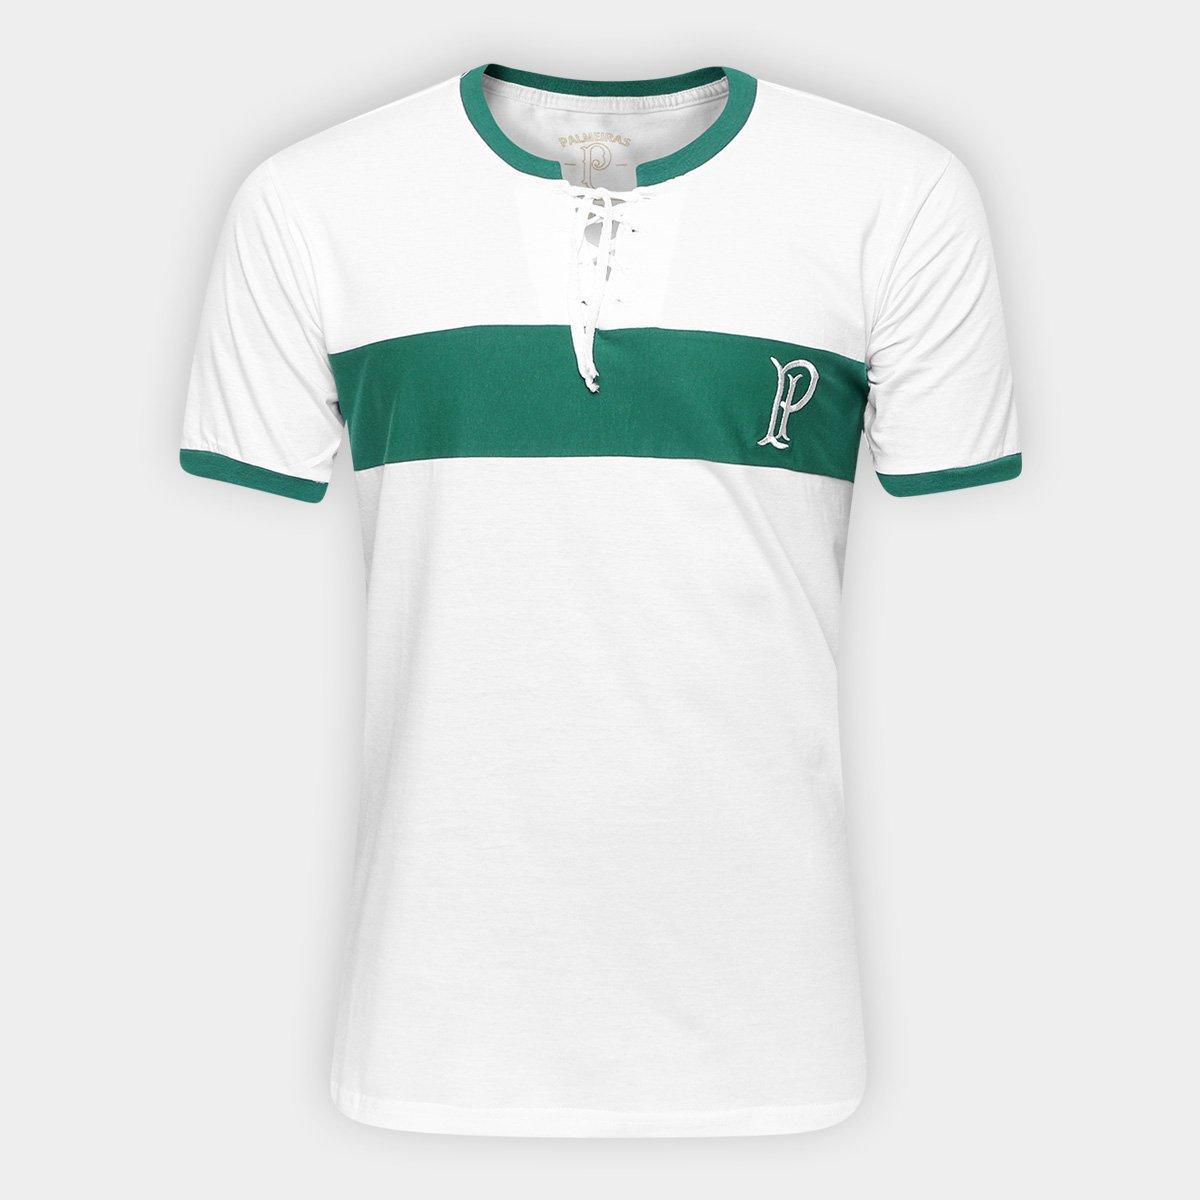 Camisa Retrô Palmeiras Palestra Itália s nº Masculina - Compre Agora ... 6f878c7a097f7